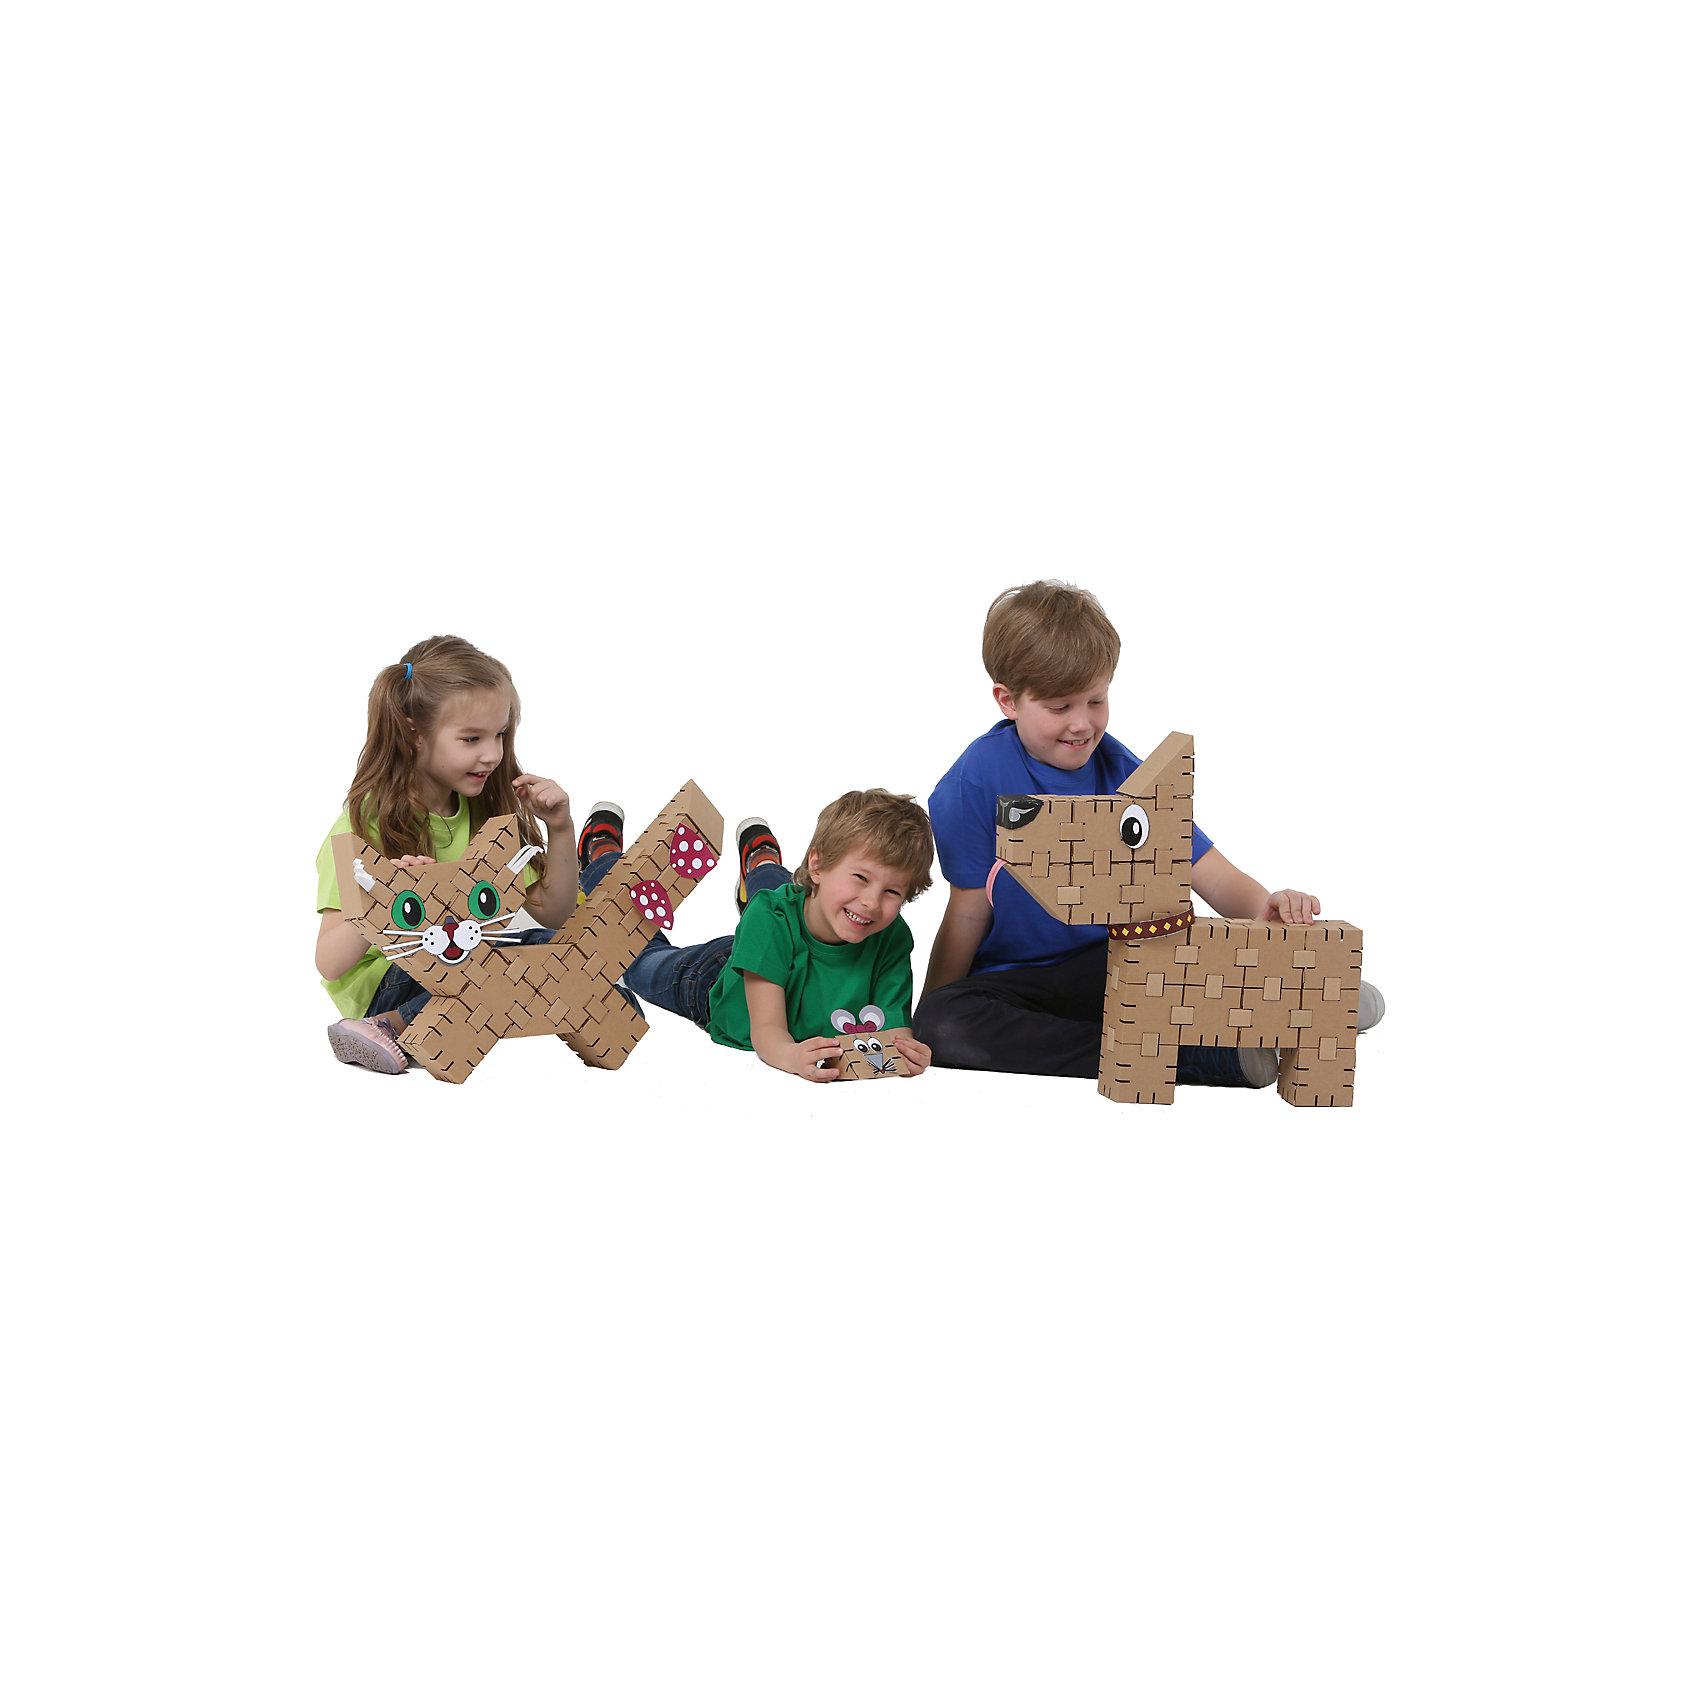 Конструктор Домашние питомцы , YohocubeБренды конструкторов<br>Дети, которые любят творчество, обязательно оценят этот конструктор! В него включены заготовки для создания кота и собаки, а также стикеры для их украшения. Картонные фигурки можно раскрасить самому - такая игра никогда не надоест!<br>Фигурки собираются без помощи клея. В набор входят 34 детали В этих фигурках малыши потом могут хранить свои ценные мелочи! Игры с таким комплектом помогут ребенку развивать воображение, мелкую моторику и творческое мышление! Игрушка сделана из высококачественных и безопасных для детей материалов.<br><br>Дополнительная информация:<br><br>материал: картон;<br>комплектация: 34 детали, стикеры;<br>размер кубика: 8 см.<br><br>Конструктор Домашние питомцы от бренда Yohocube можно купить в нашем магазине.<br><br>Ширина мм: 460<br>Глубина мм: 360<br>Высота мм: 60<br>Вес г: 700<br>Возраст от месяцев: 72<br>Возраст до месяцев: 144<br>Пол: Унисекс<br>Возраст: Детский<br>SKU: 4970194